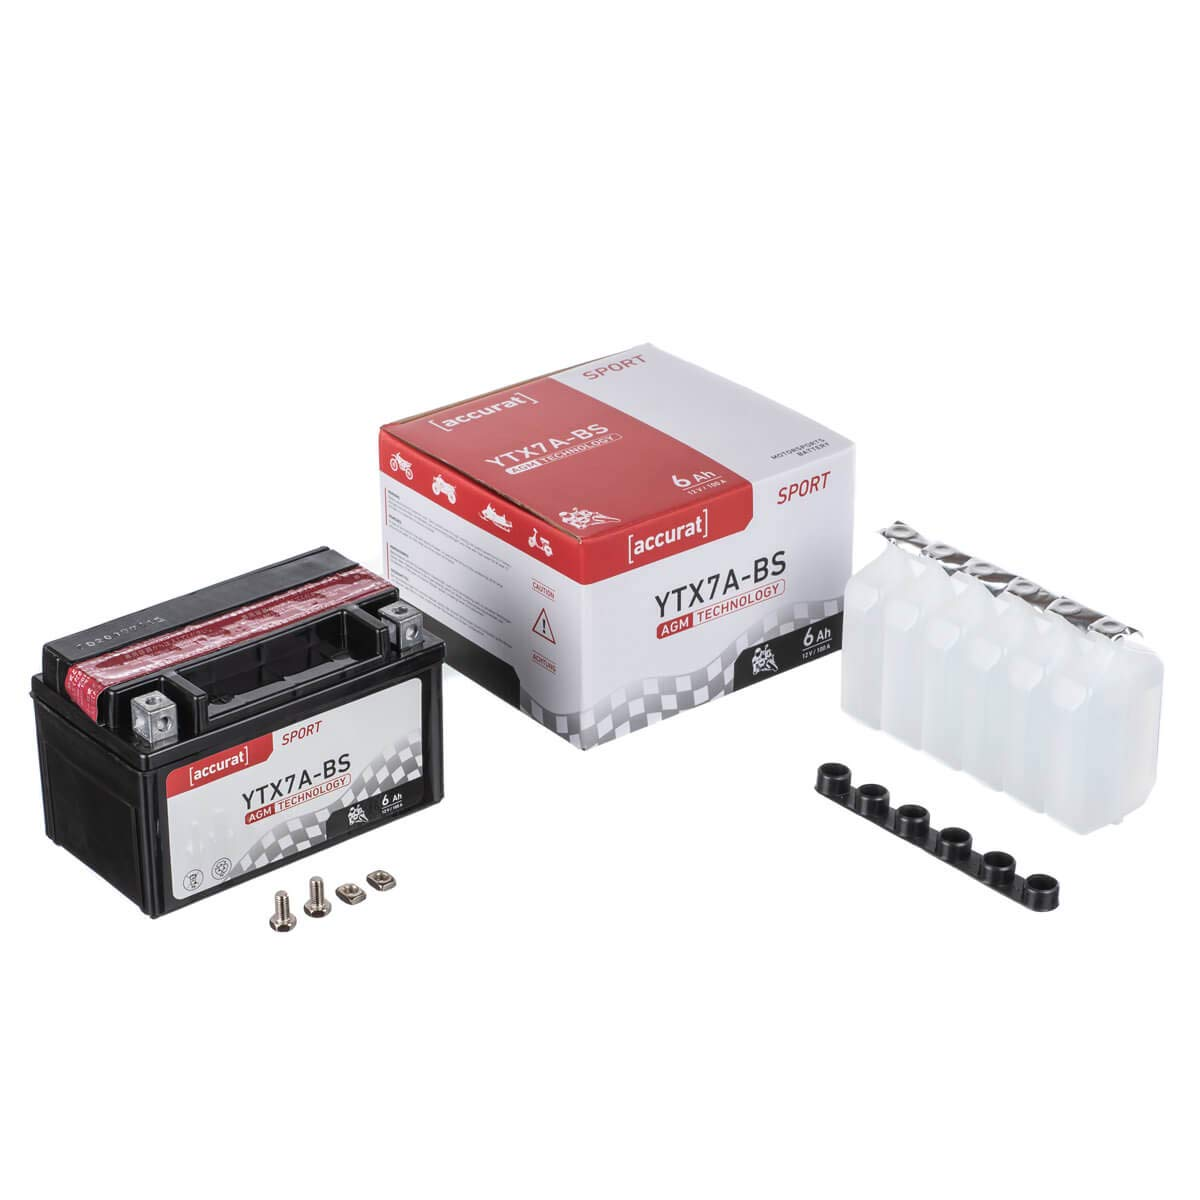 Accurat Motorradbatterie YT7B-BS 7Ah 85A 12V AGM Starterbatterie in Erstausr/üsterqualit/ät r/üttelfest leistungsstark inkl S/äurepack wartungsfrei